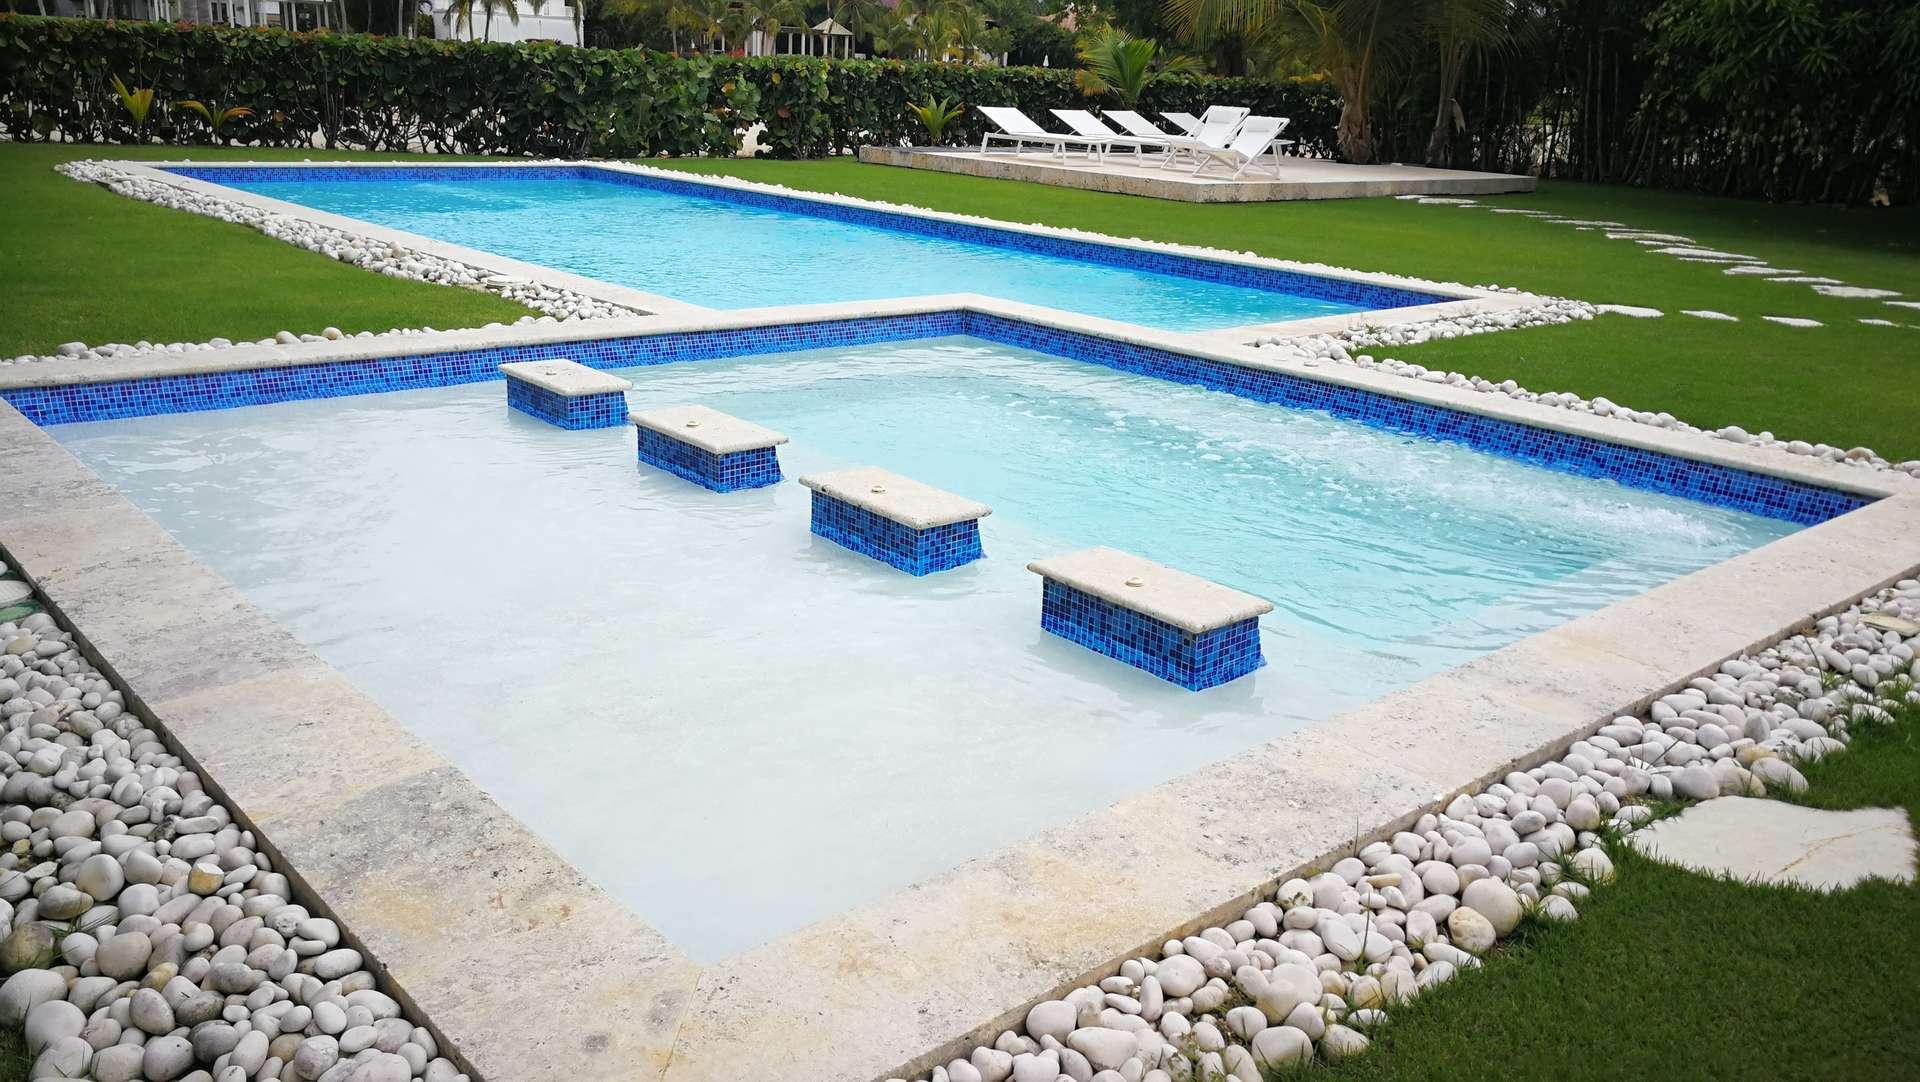 - Villa Las Adelfas - Image 1/21